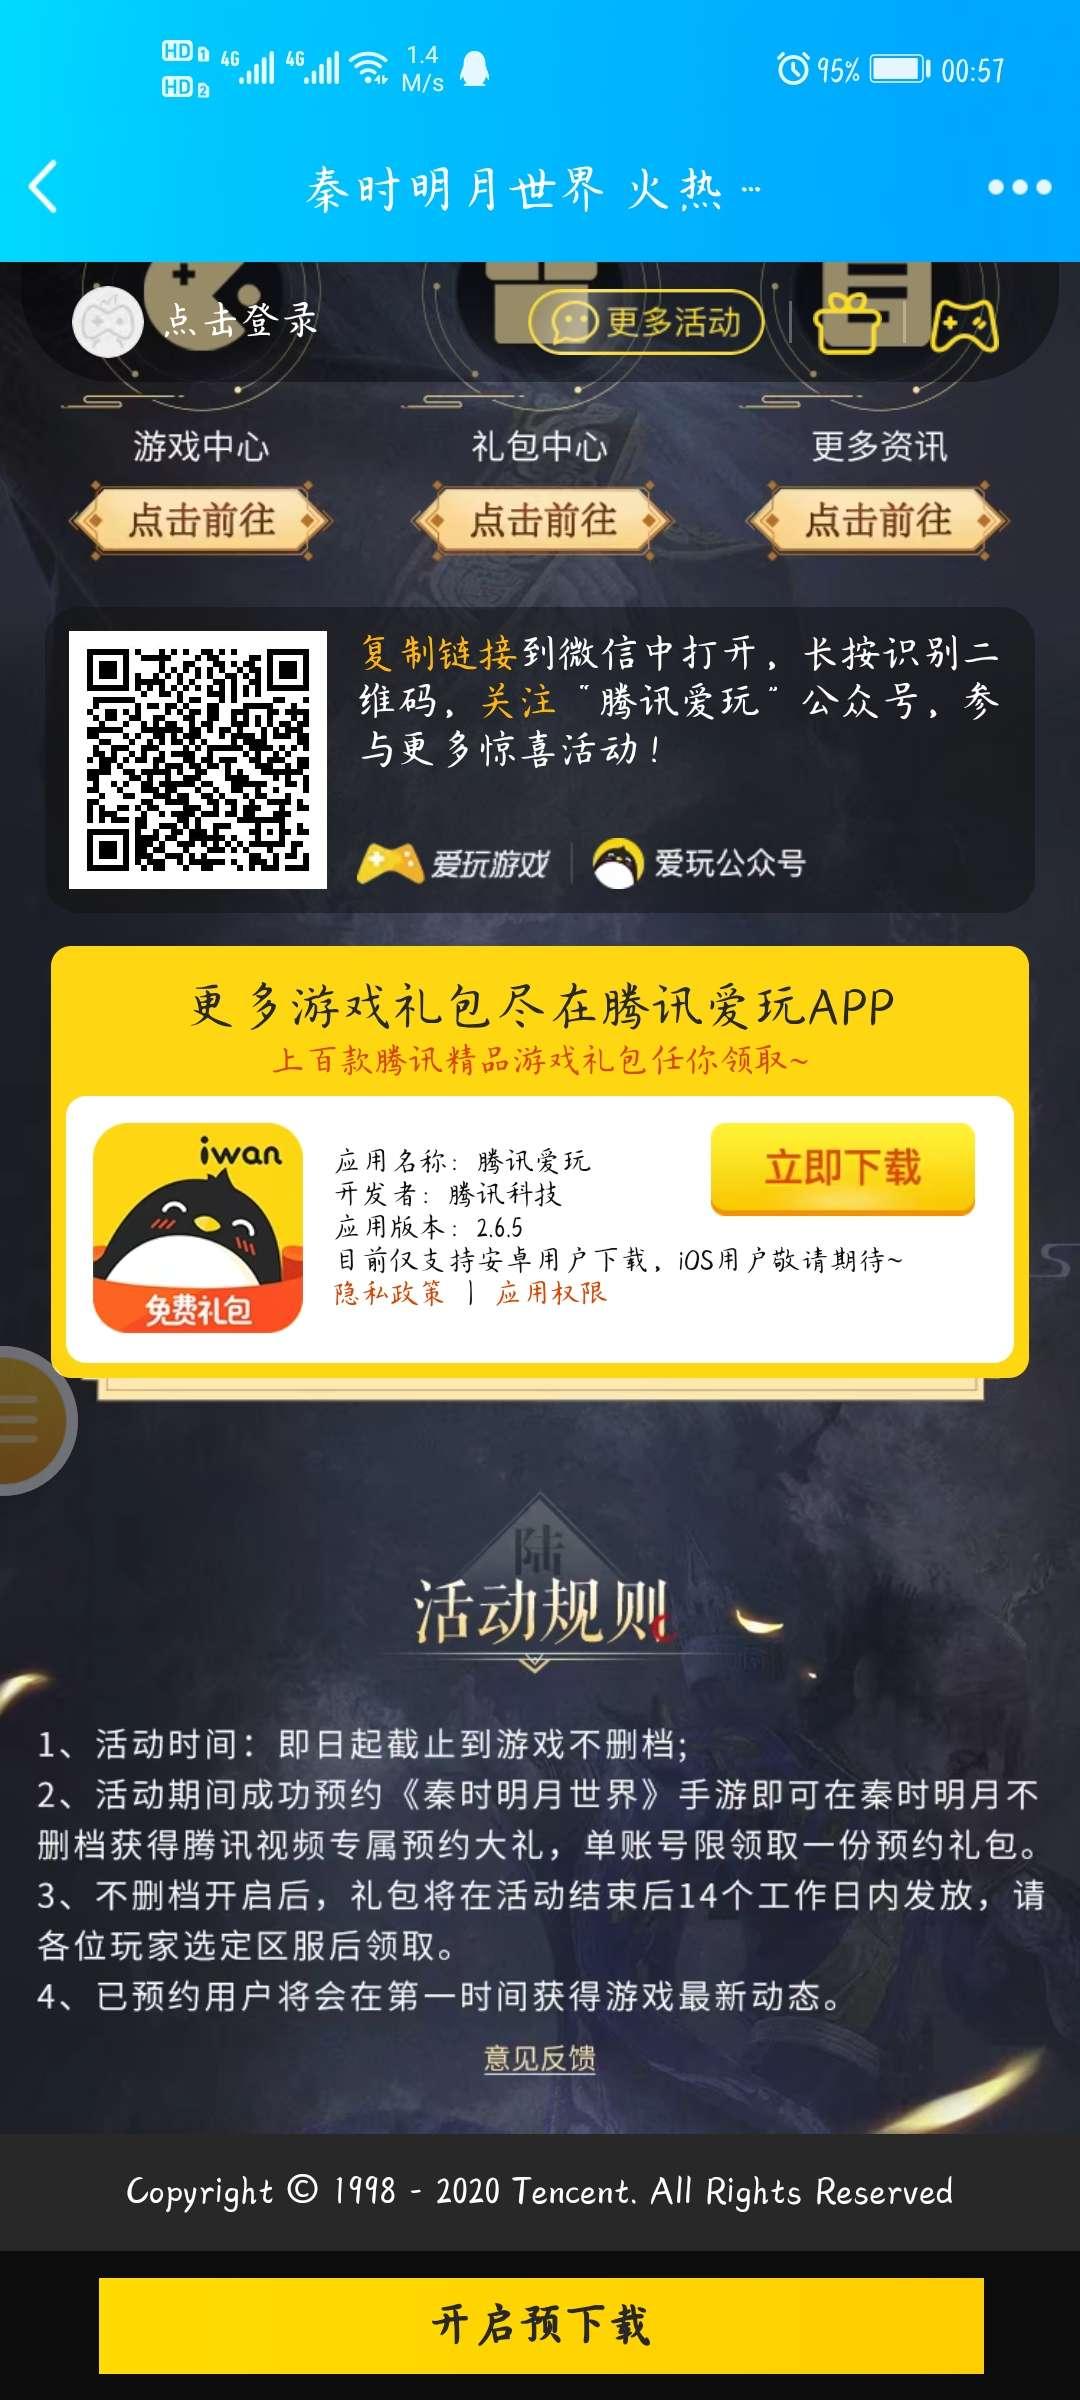 图片[1]-秦时明月预约抽Q币-老友薅羊毛活动线报网